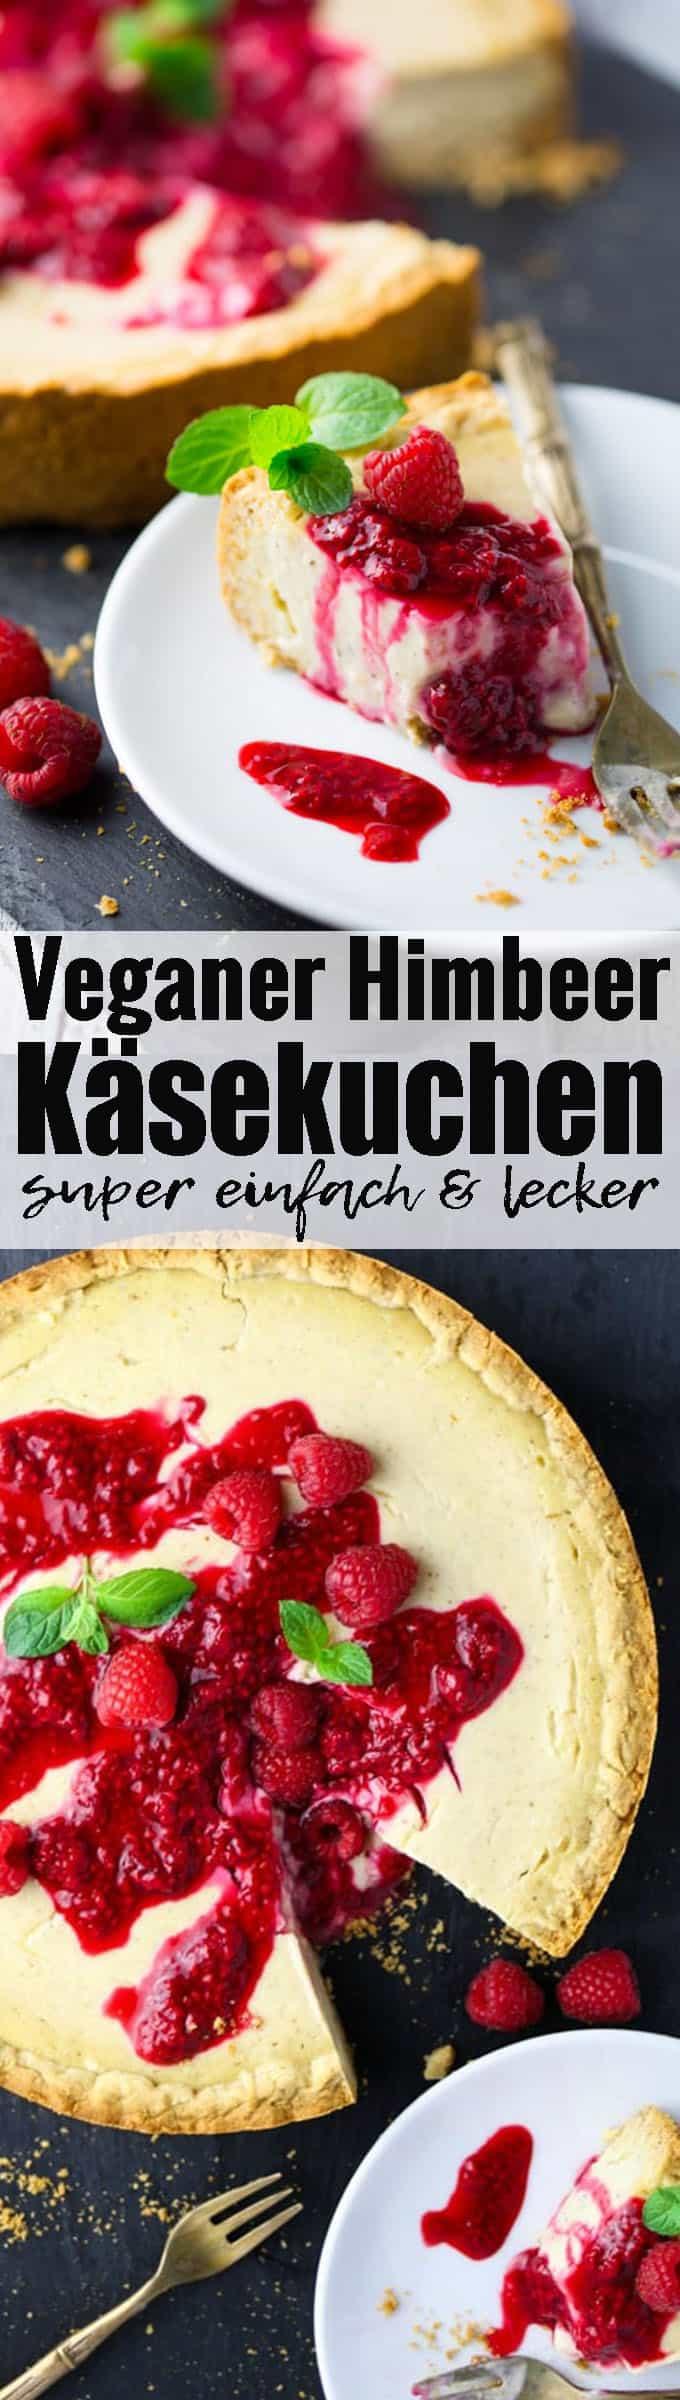 Veganer Kuchen kann so lecker sein! Meine Lieblingsvariante: veganer Käsekuchen mit Himbeersauce. So lecker und super einfach! Mehr vegane Rezepte findet ihr auf veganheaven.de ! <3